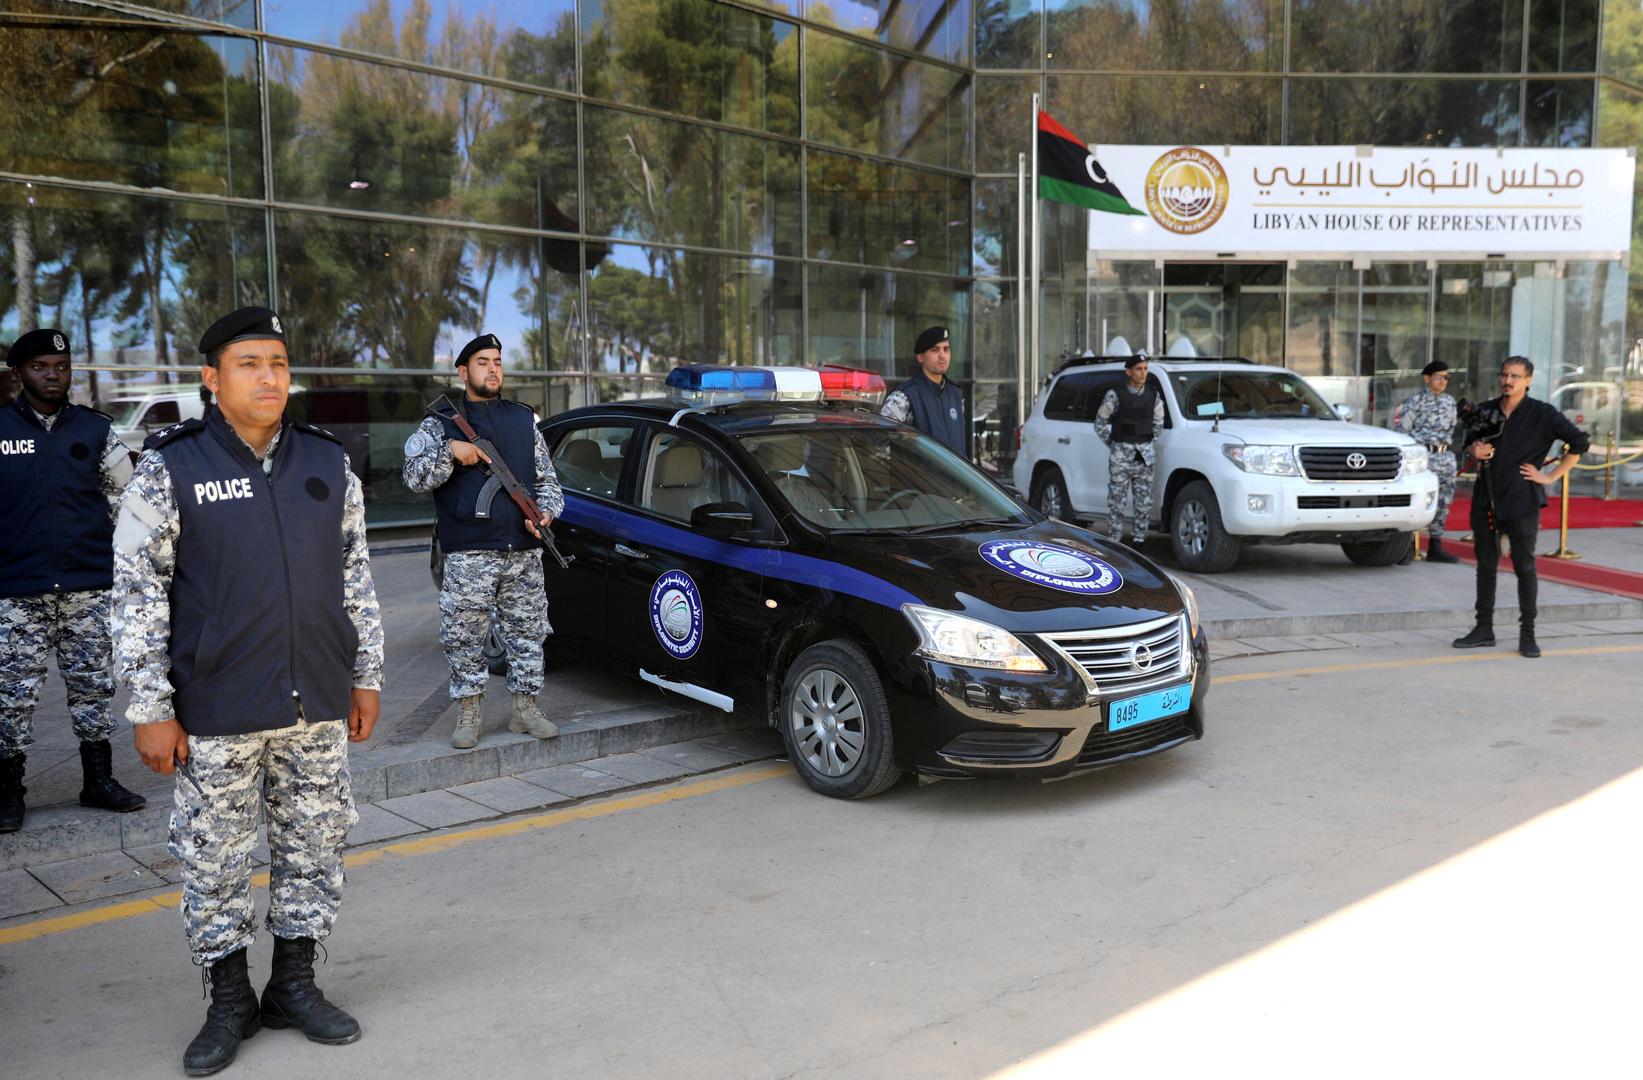 البعثة الأممية للدعم في ليبيا تعلق على اجتماع مجلس النواب الموسع في طنجة